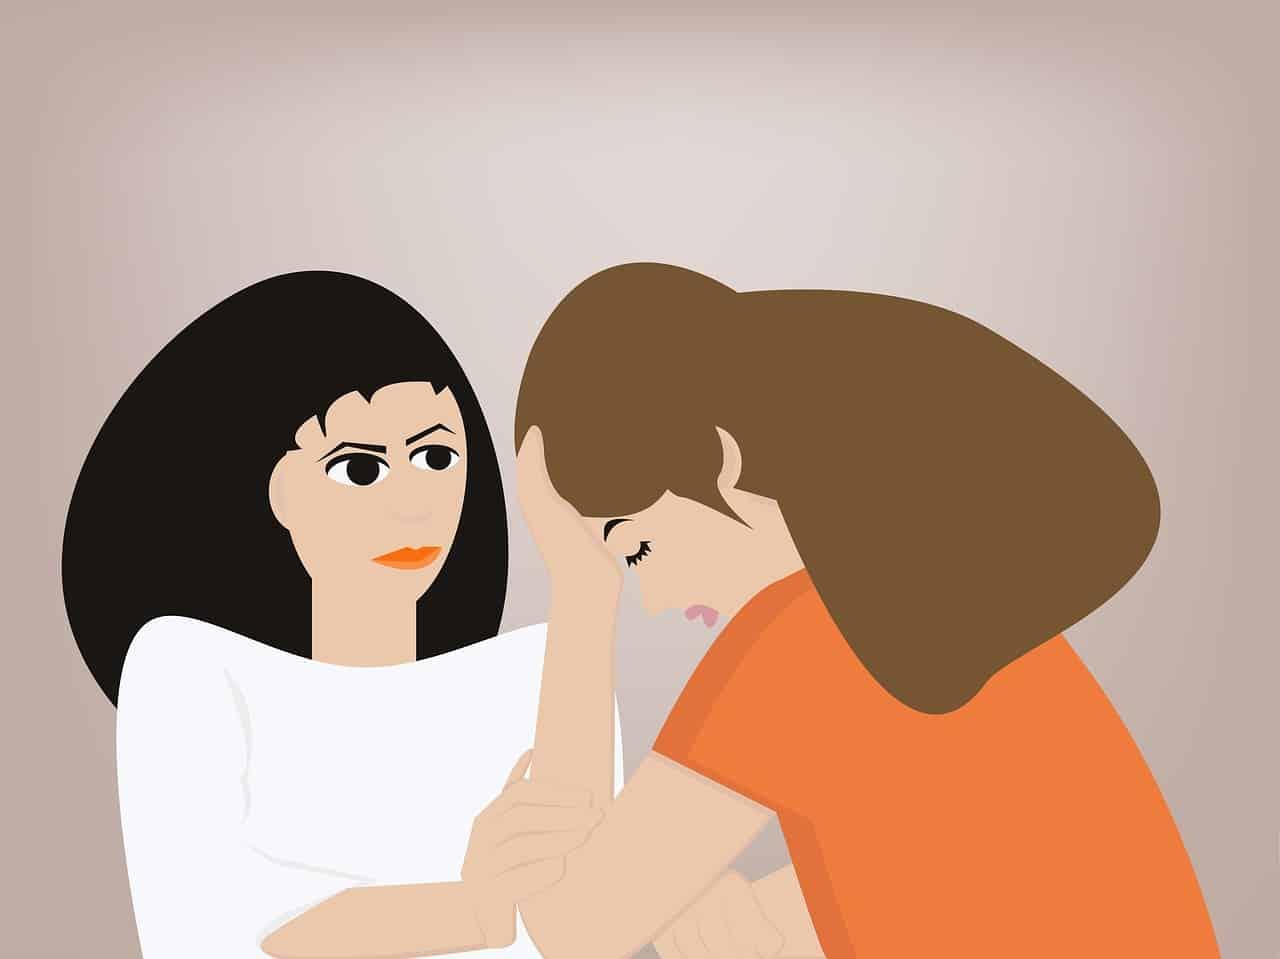 אישה מקשיבה לאישה